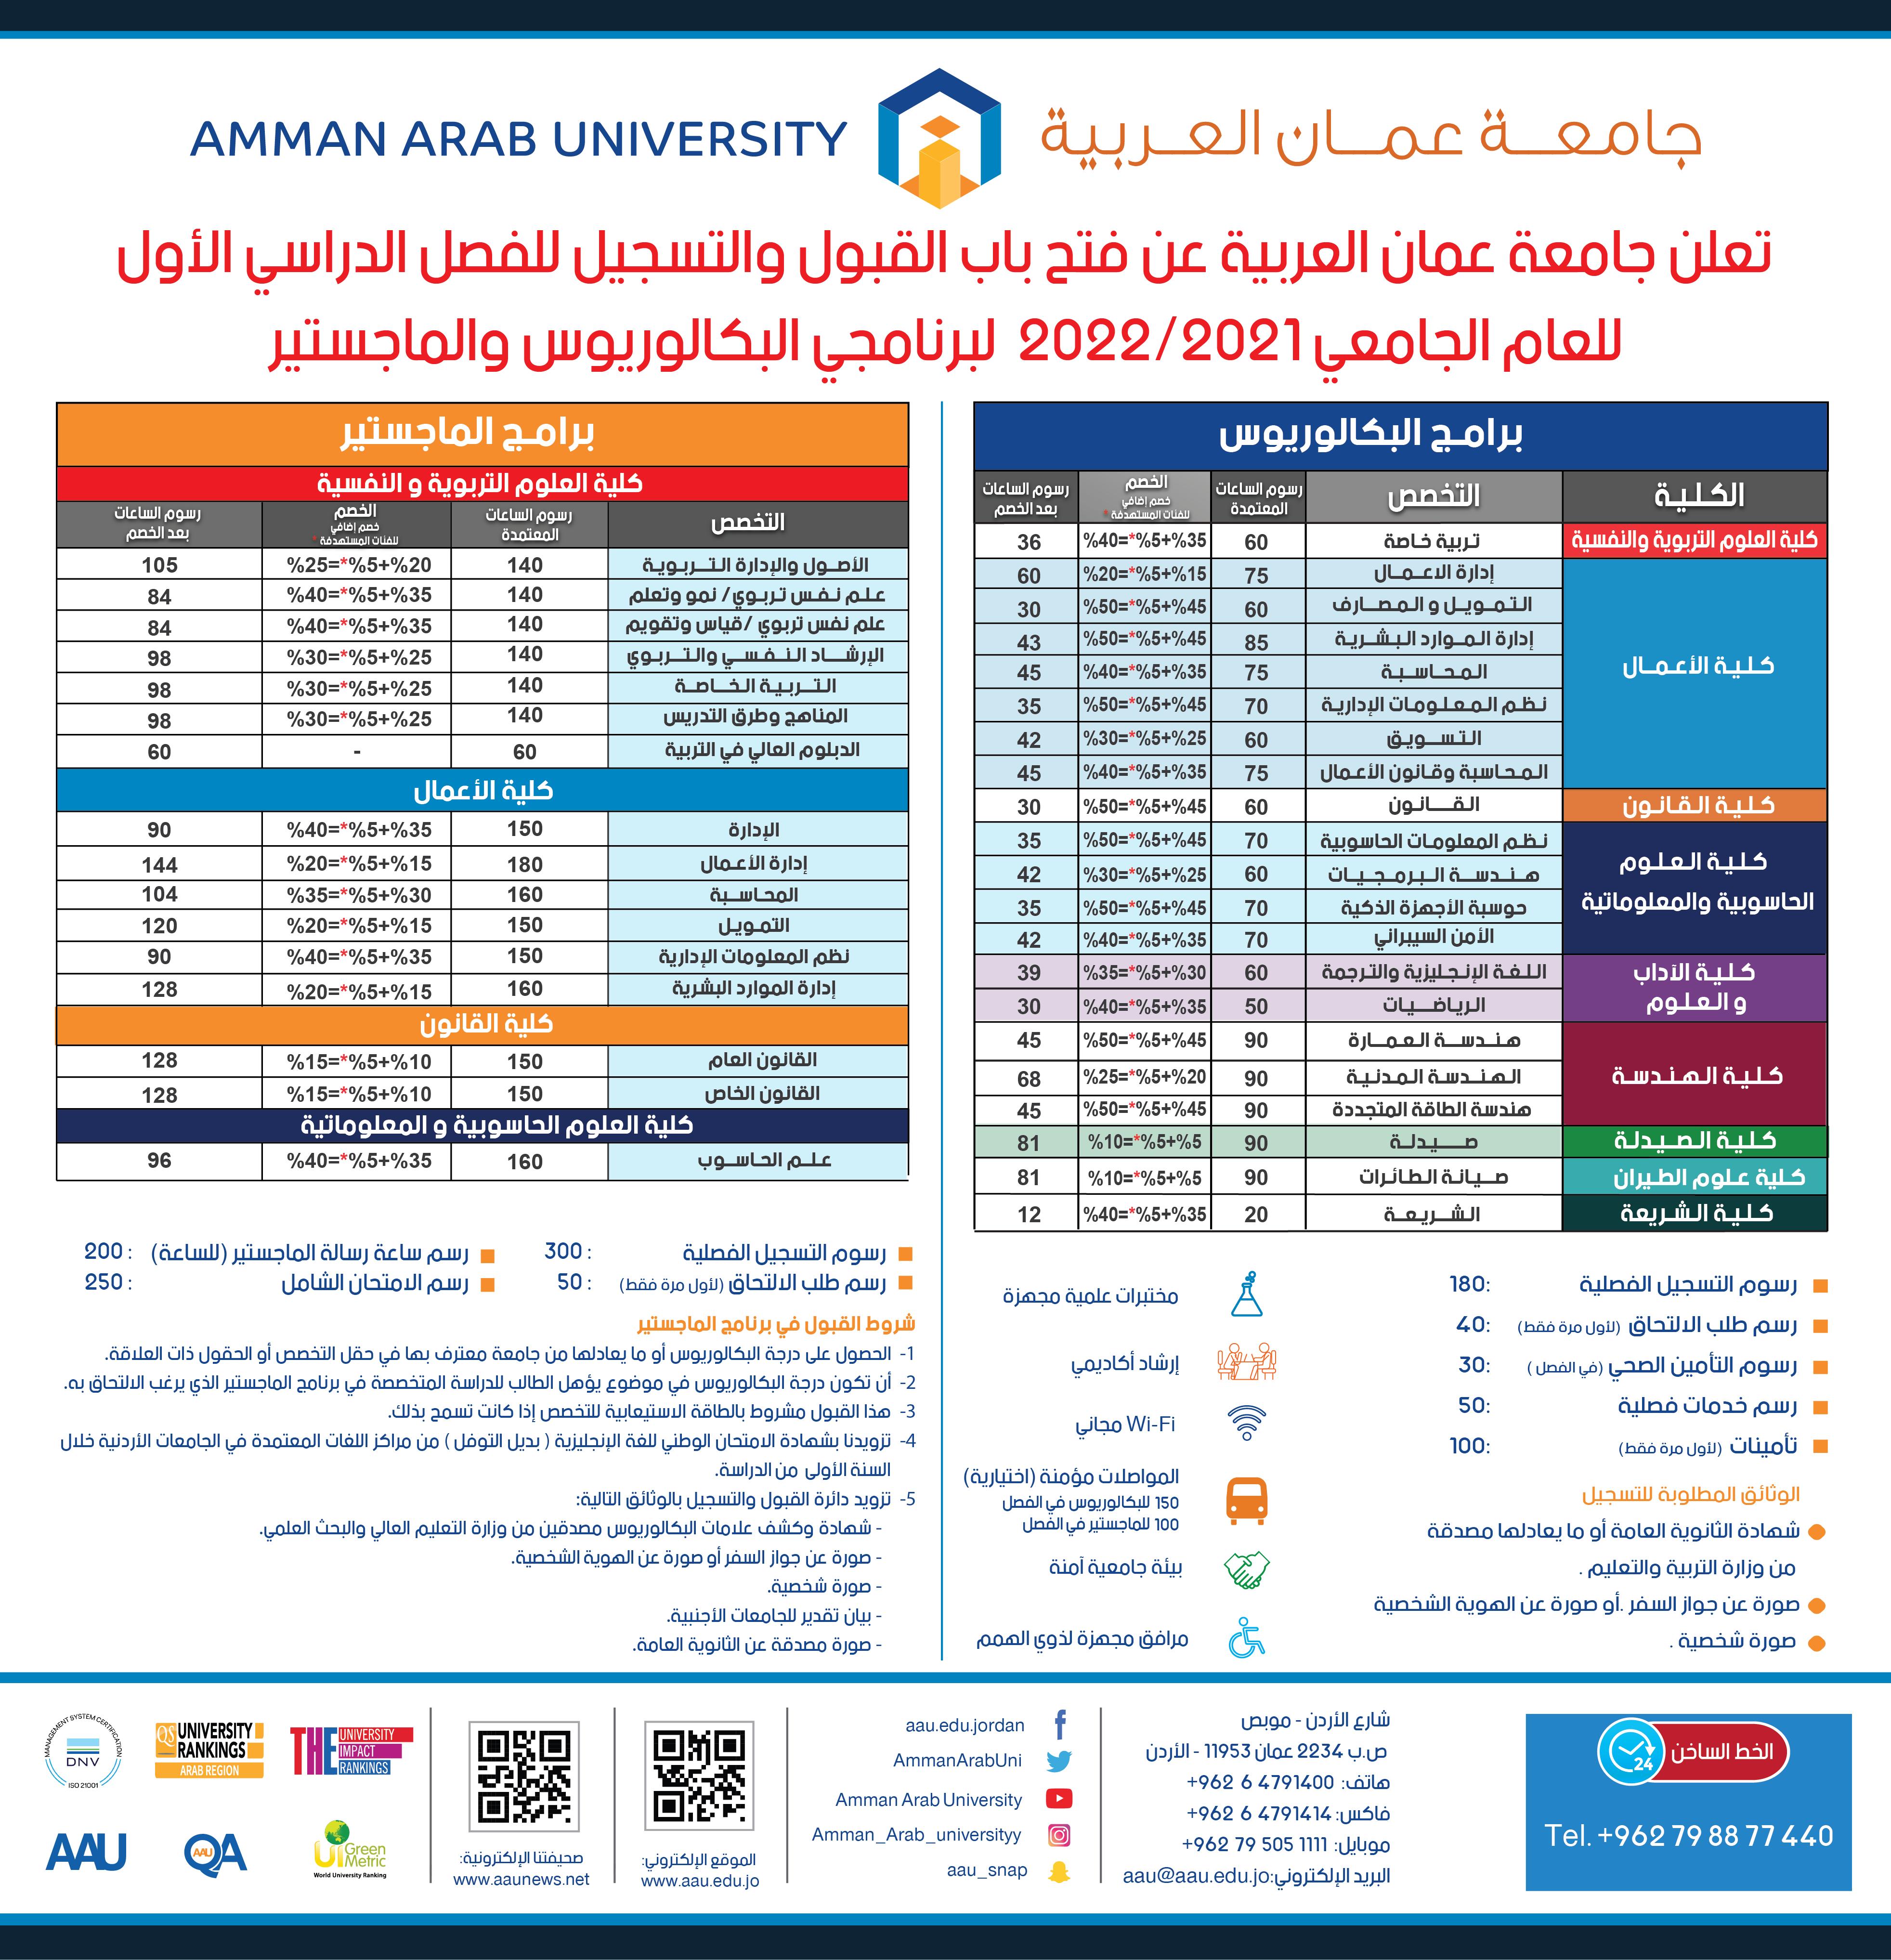 """""""عمان العربية"""" تستقبل طلبتها الجدد بتخصصات تقنية تواكب حاجات سوق العمل"""